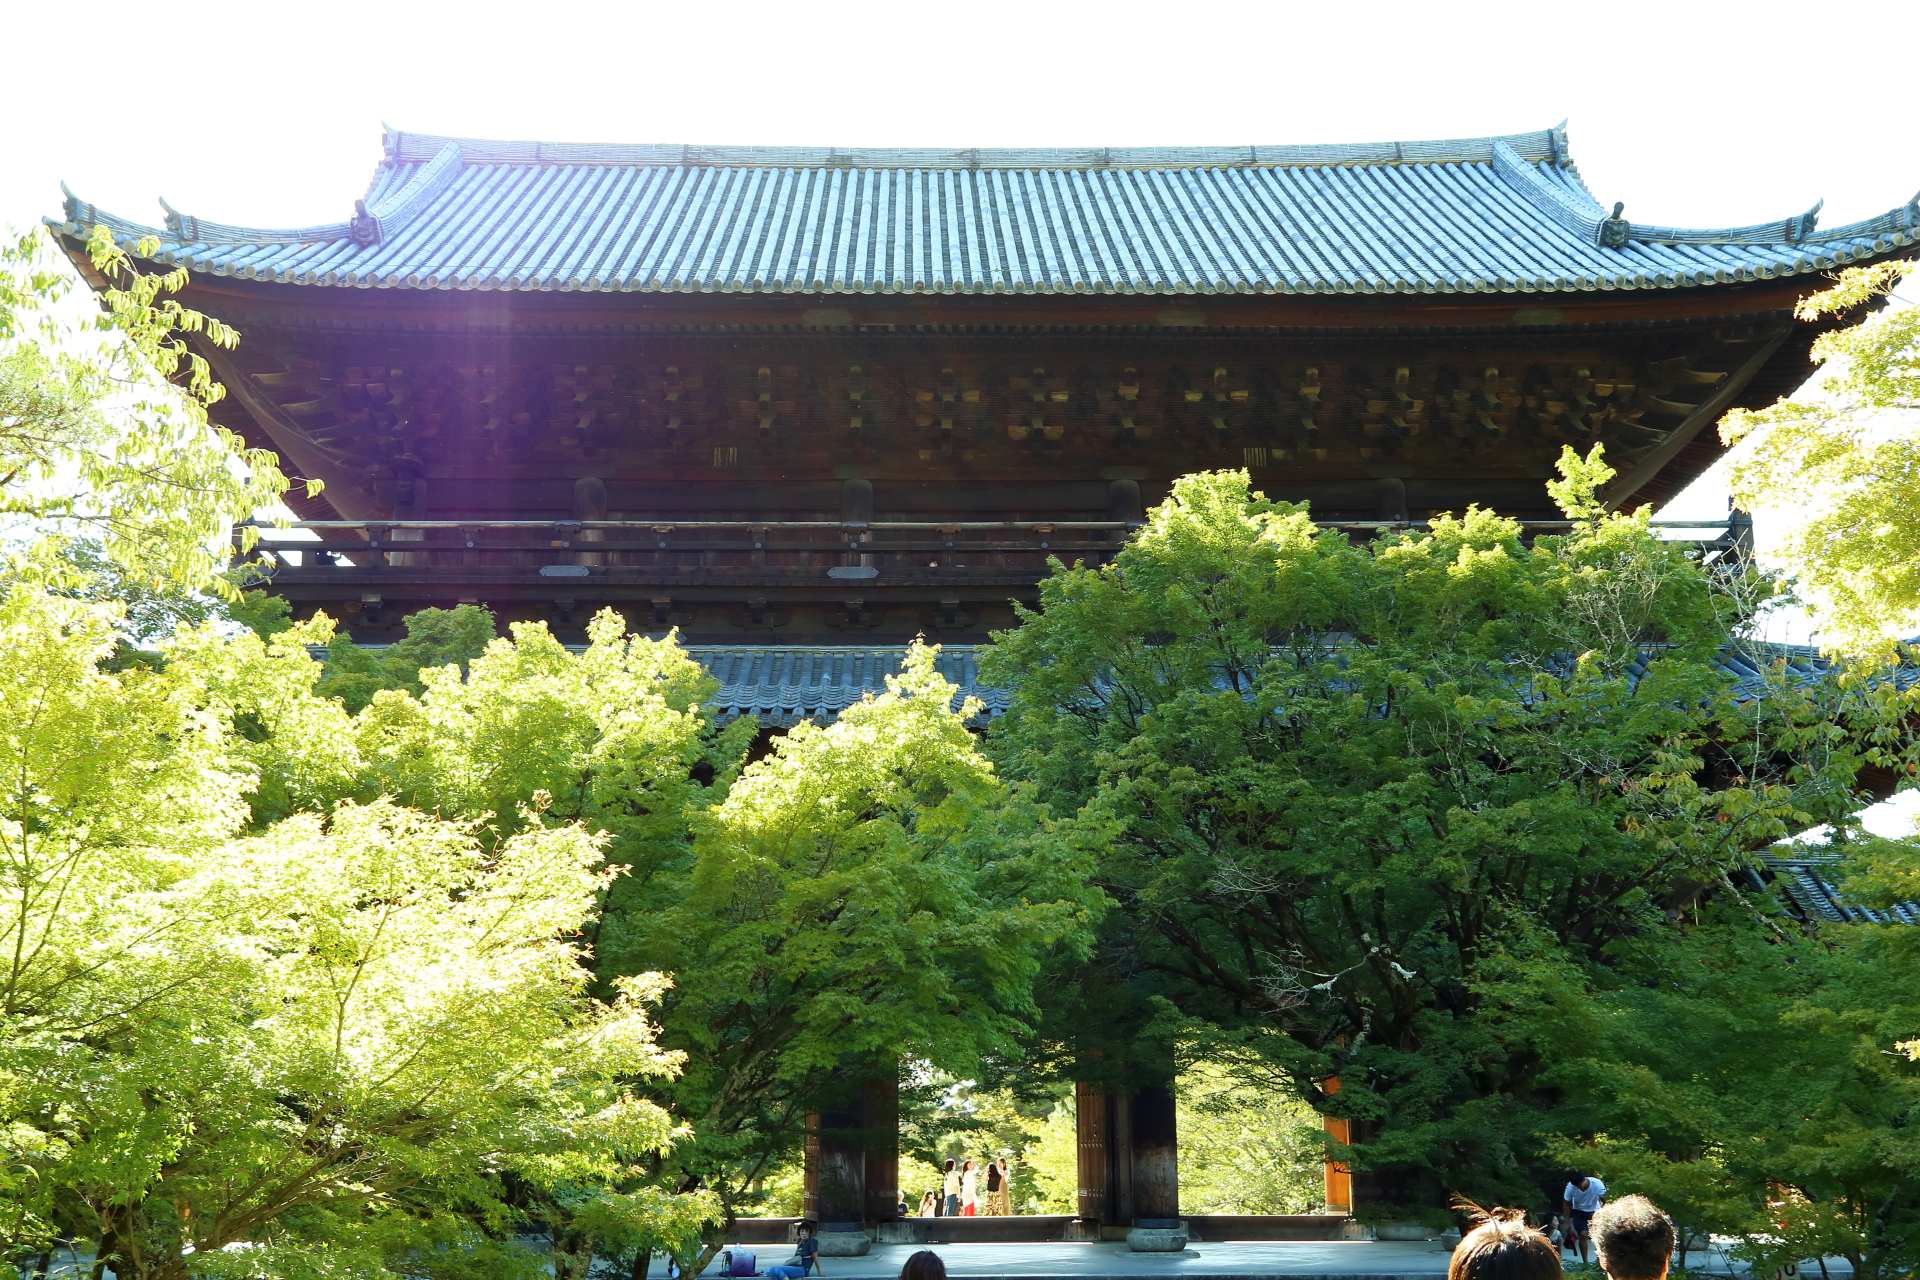 日本三大門の一つ南禅寺三門・別名「天下竜門」